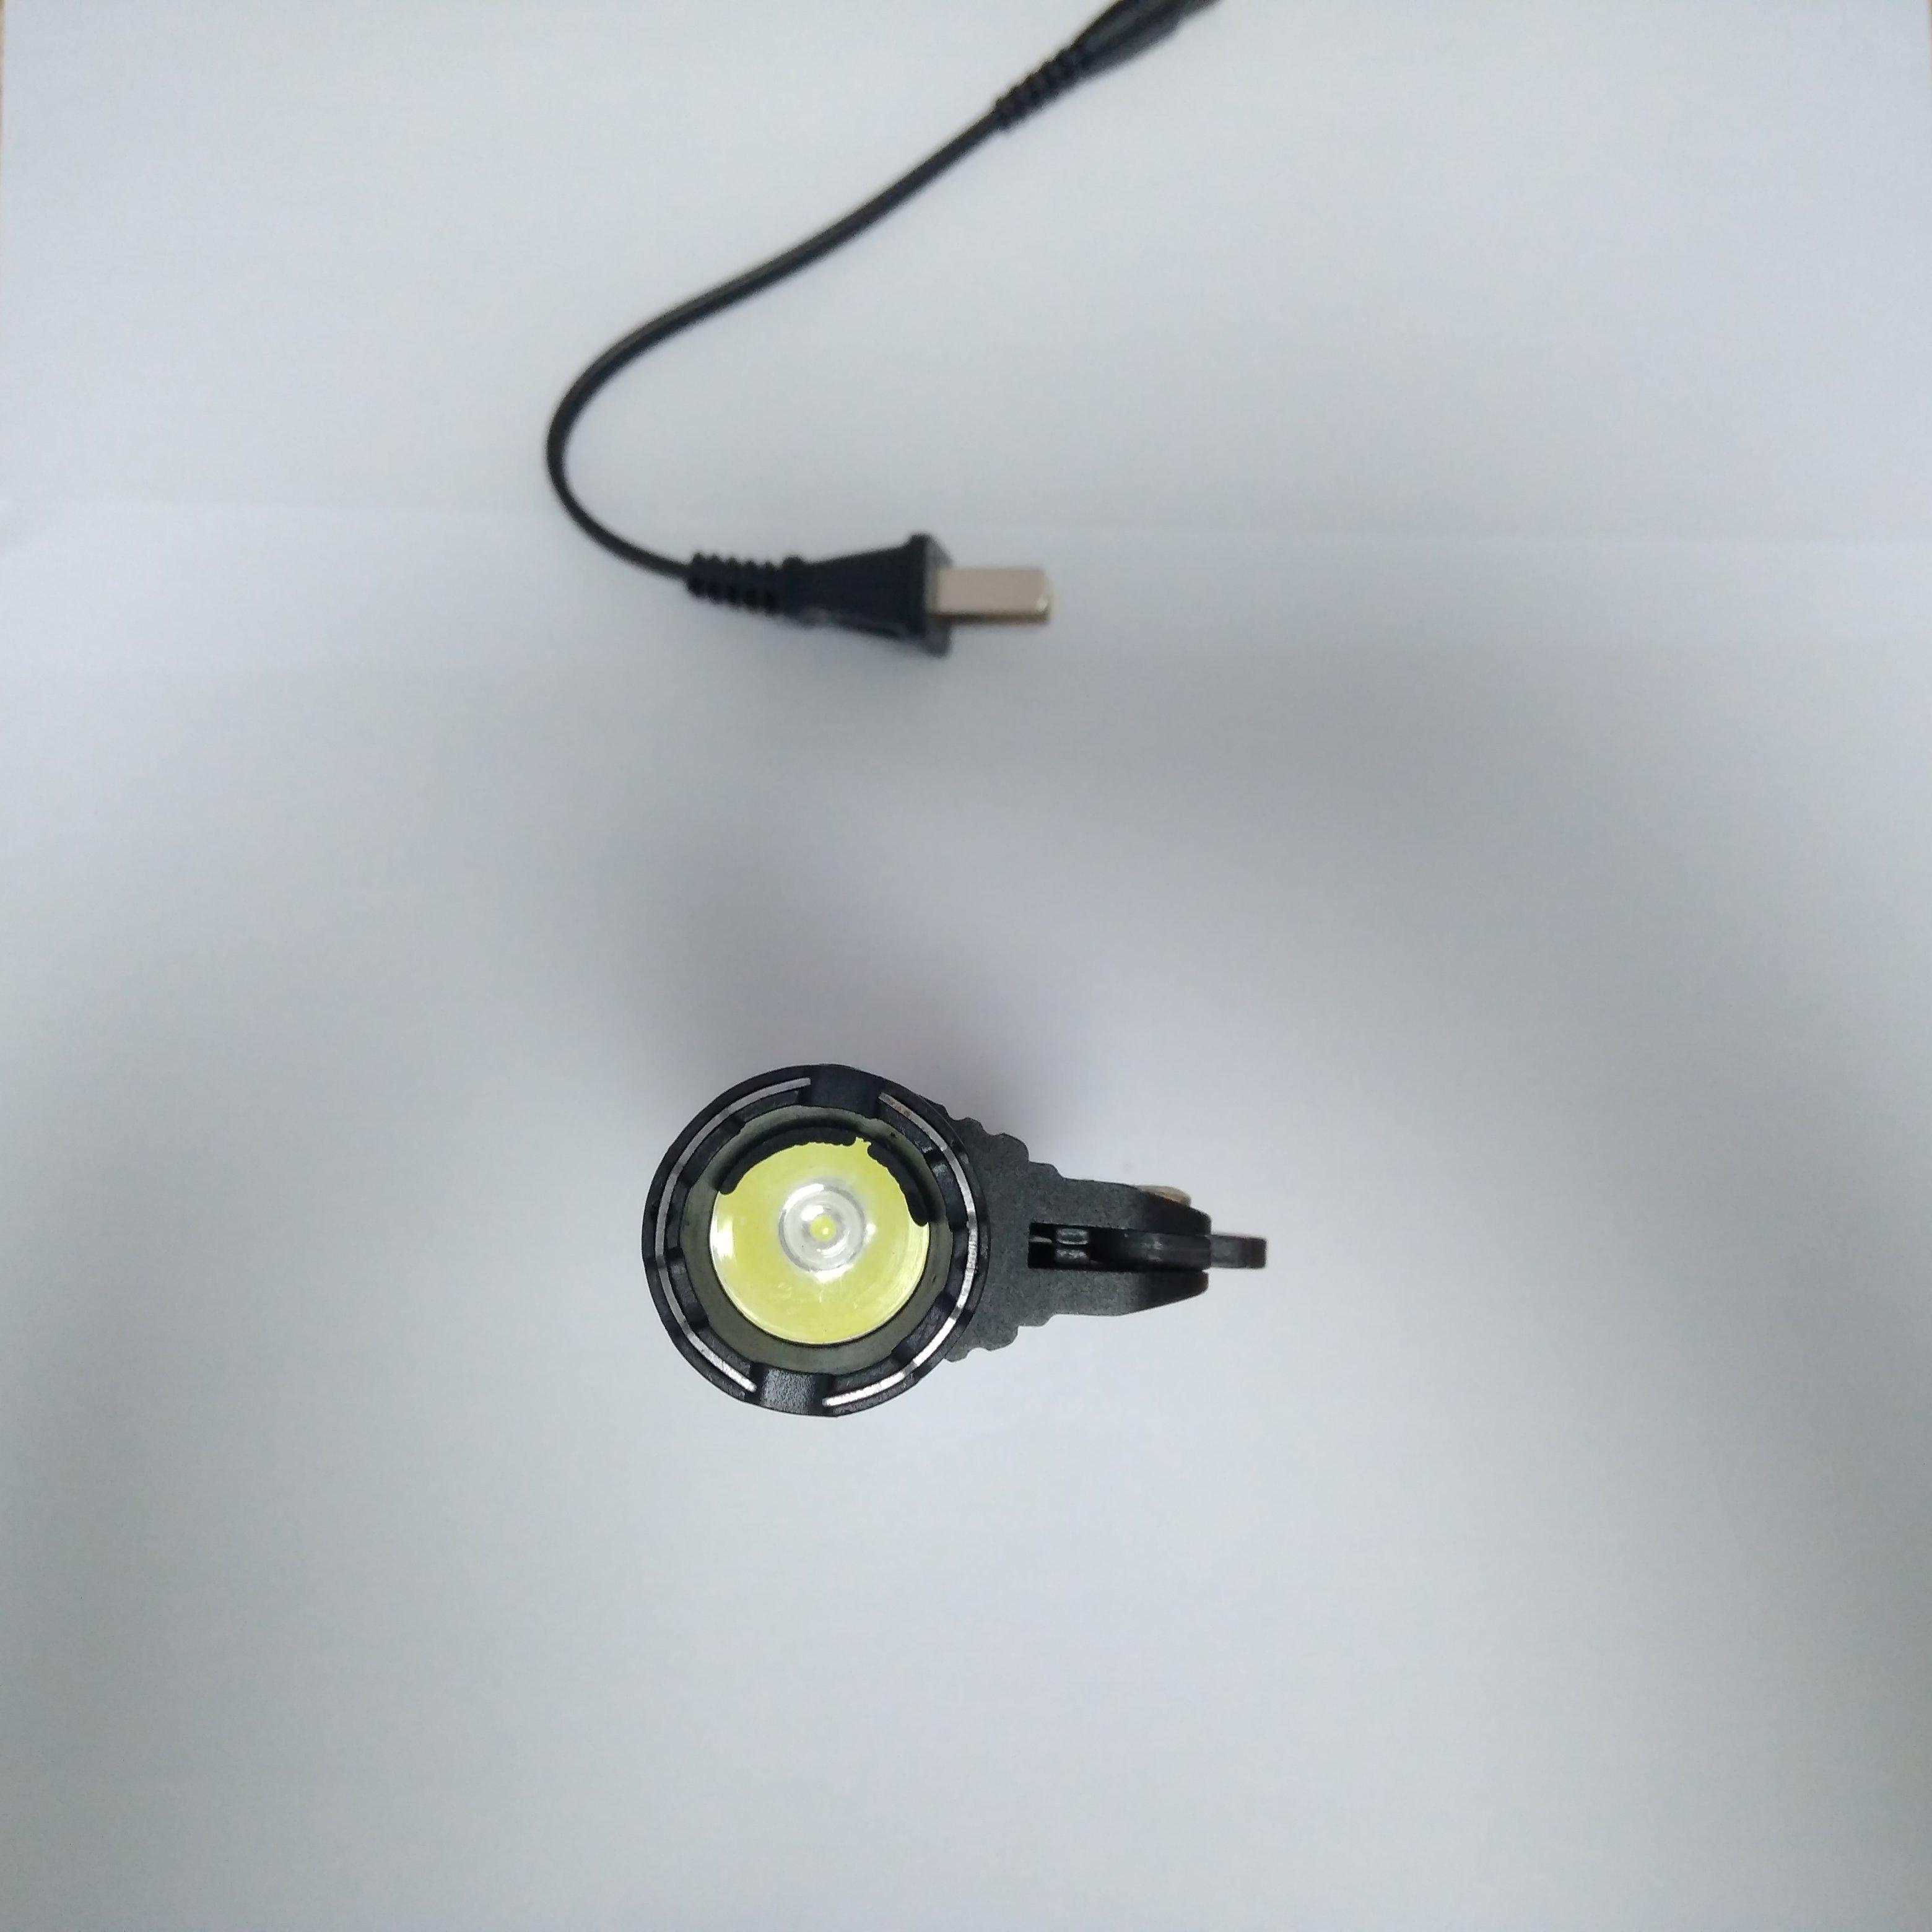 电击器应该如何防身使用?